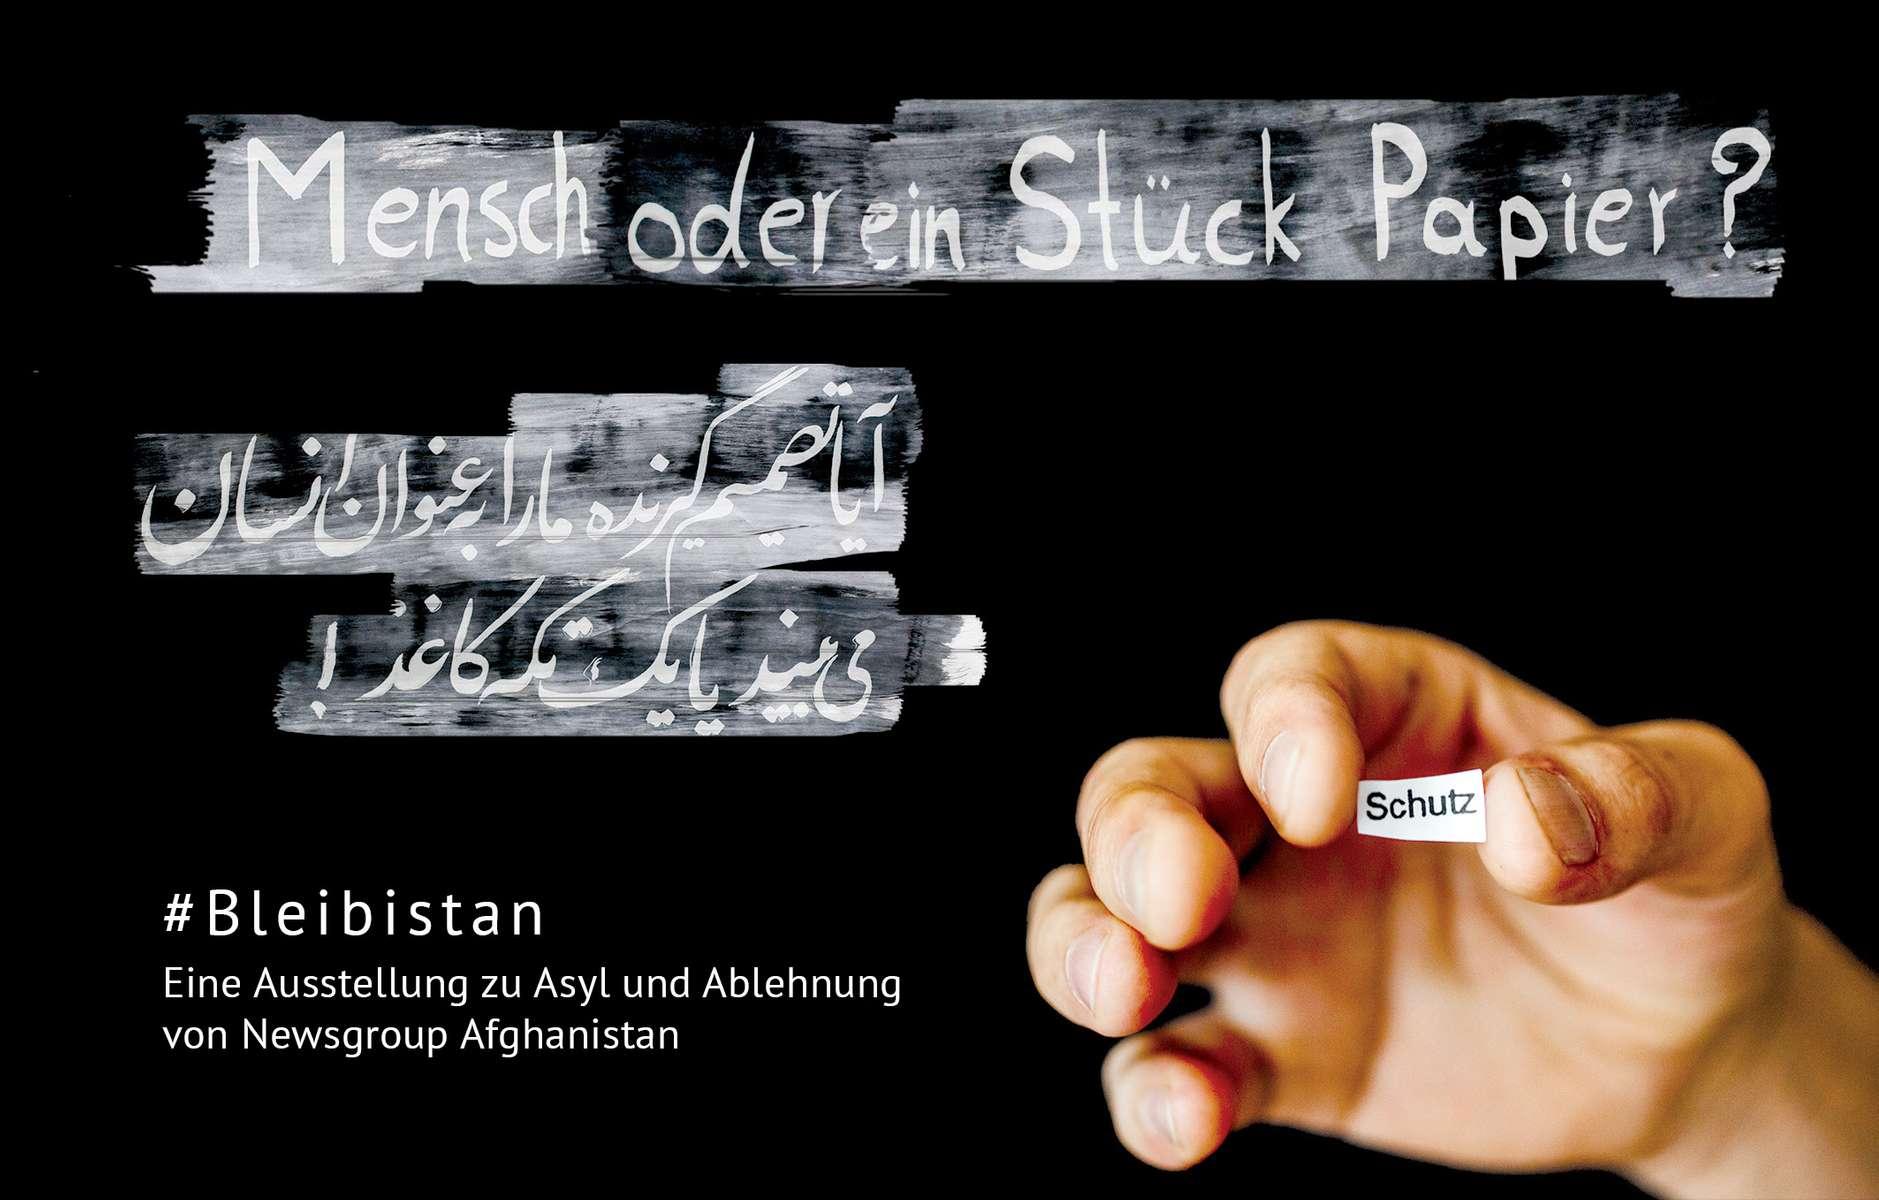 Newsgroup Afghanistan: #Bleibistan AusstellungBerlin, 2017.